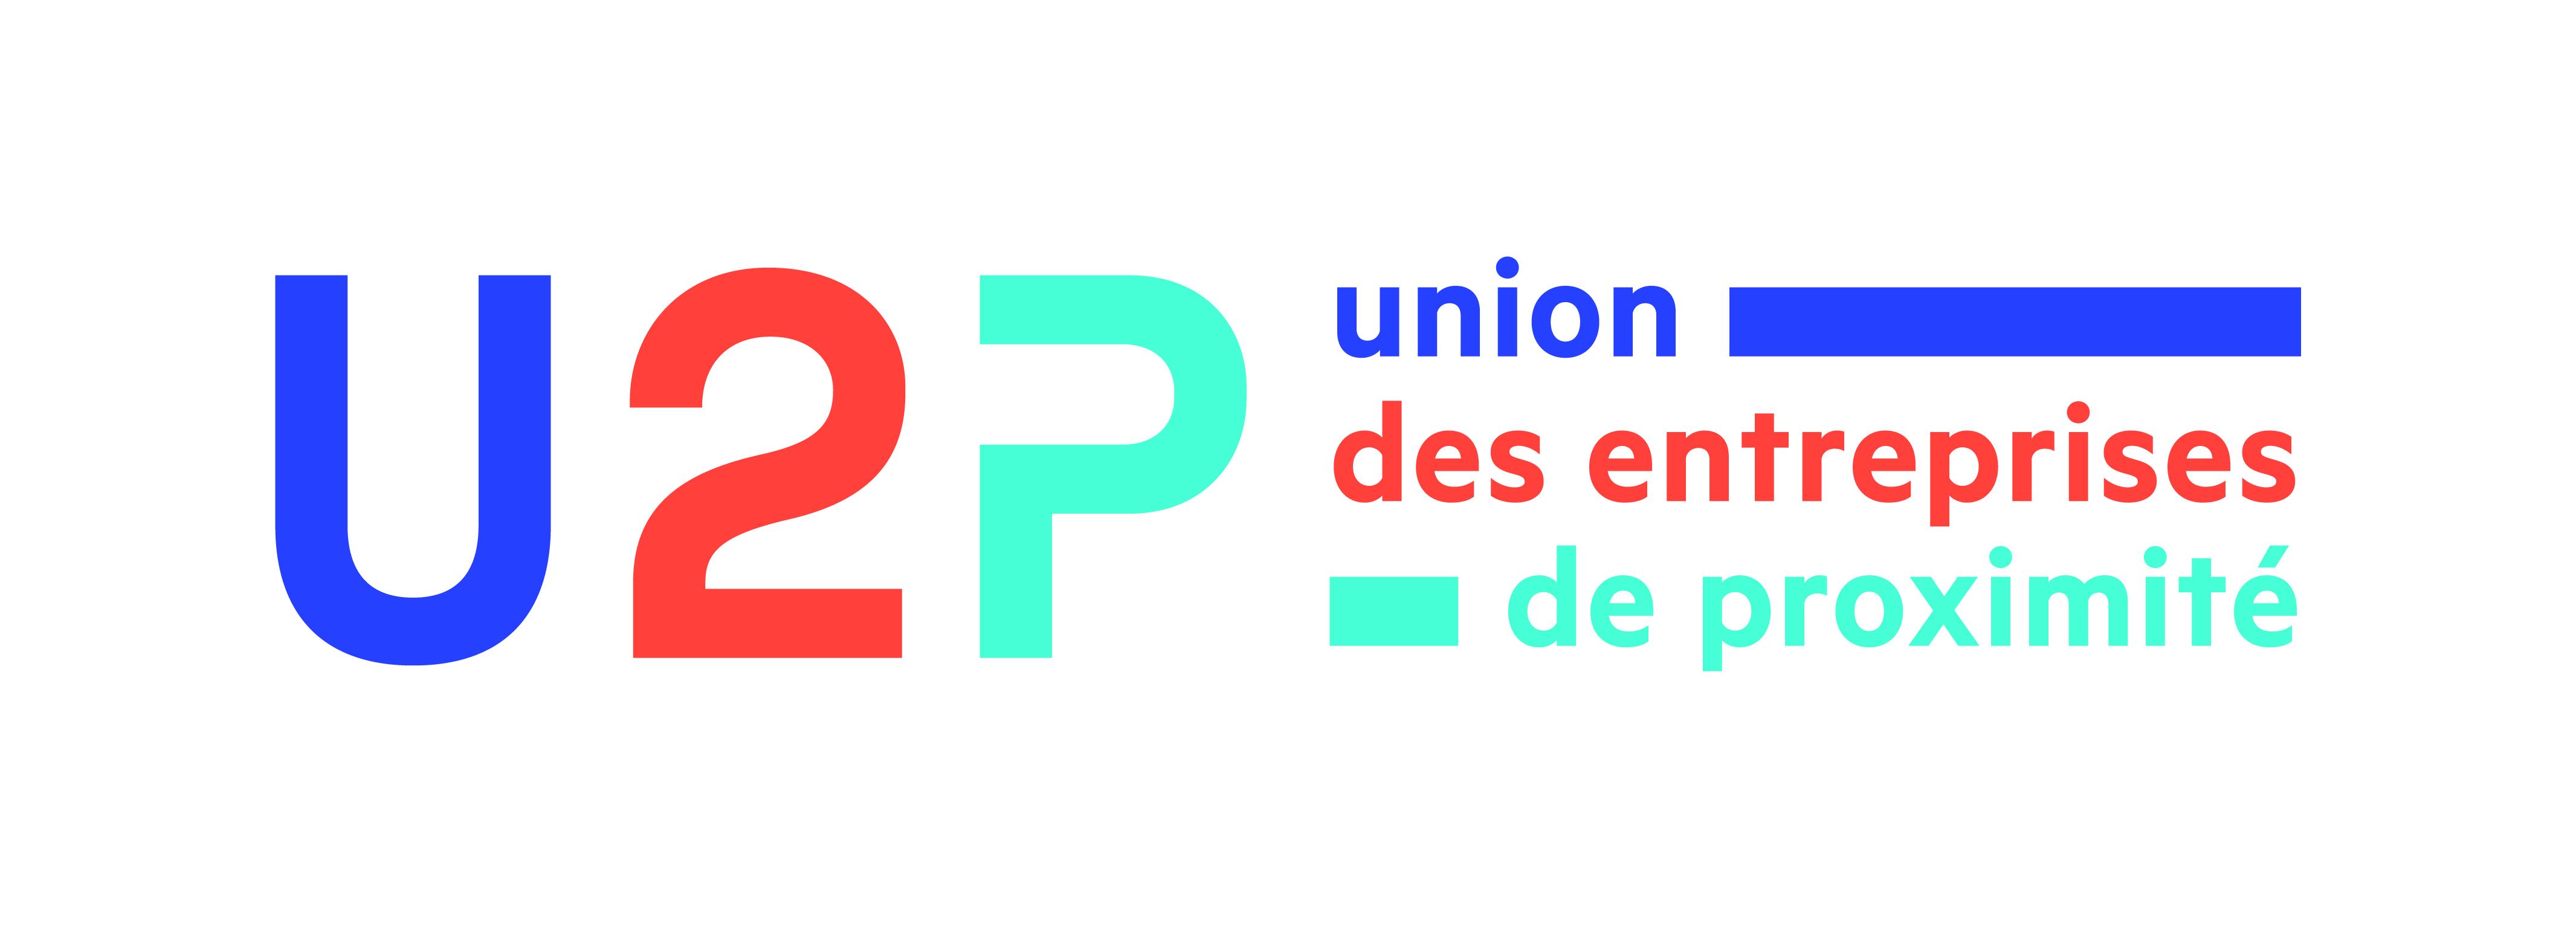 L'U2P, nouveau poids lourd du monde patronal